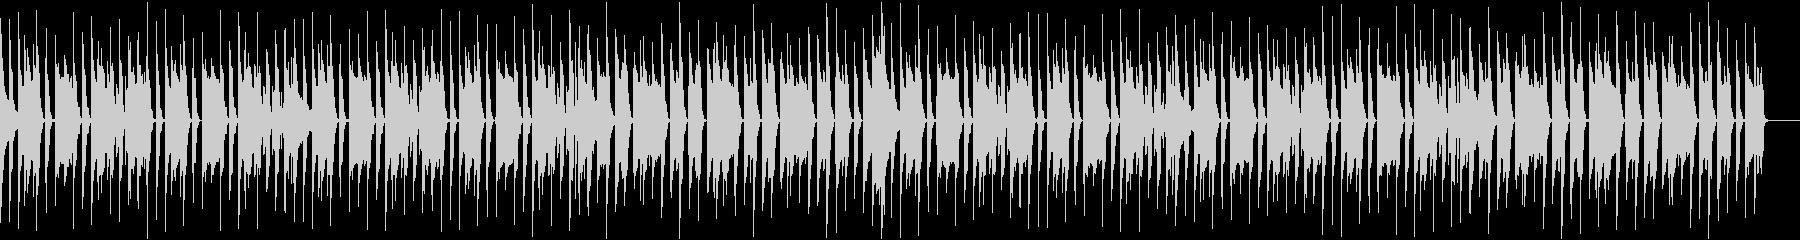 ピアノメインの軽快なBGMの未再生の波形